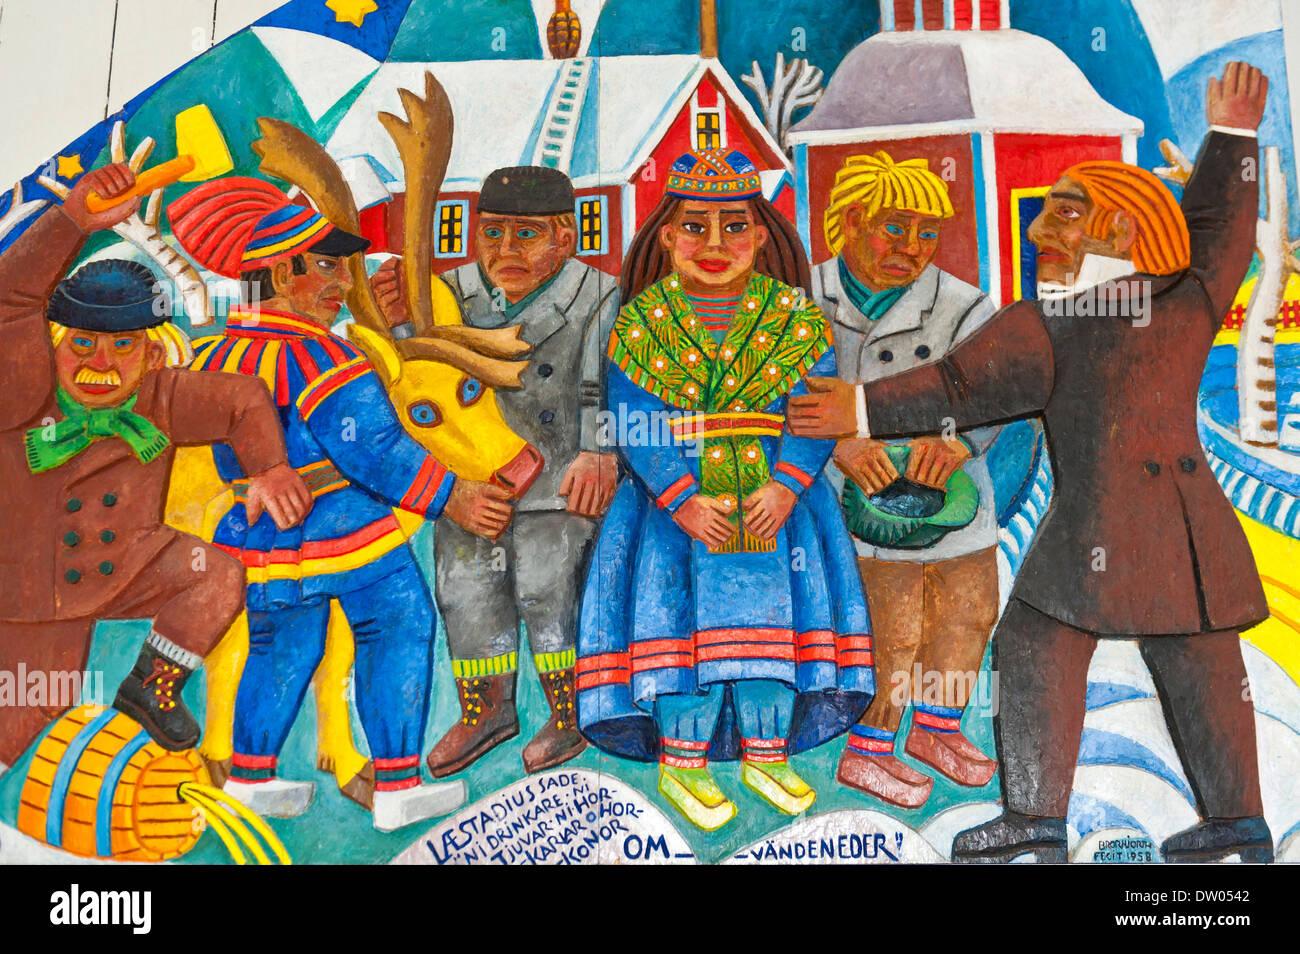 Sami tecnica, la vita quotidiana della popolazione Sami e colorati di intaglio del legno, Sami-Christian pala disegnati dall'artista Bror Hjort in Immagini Stock